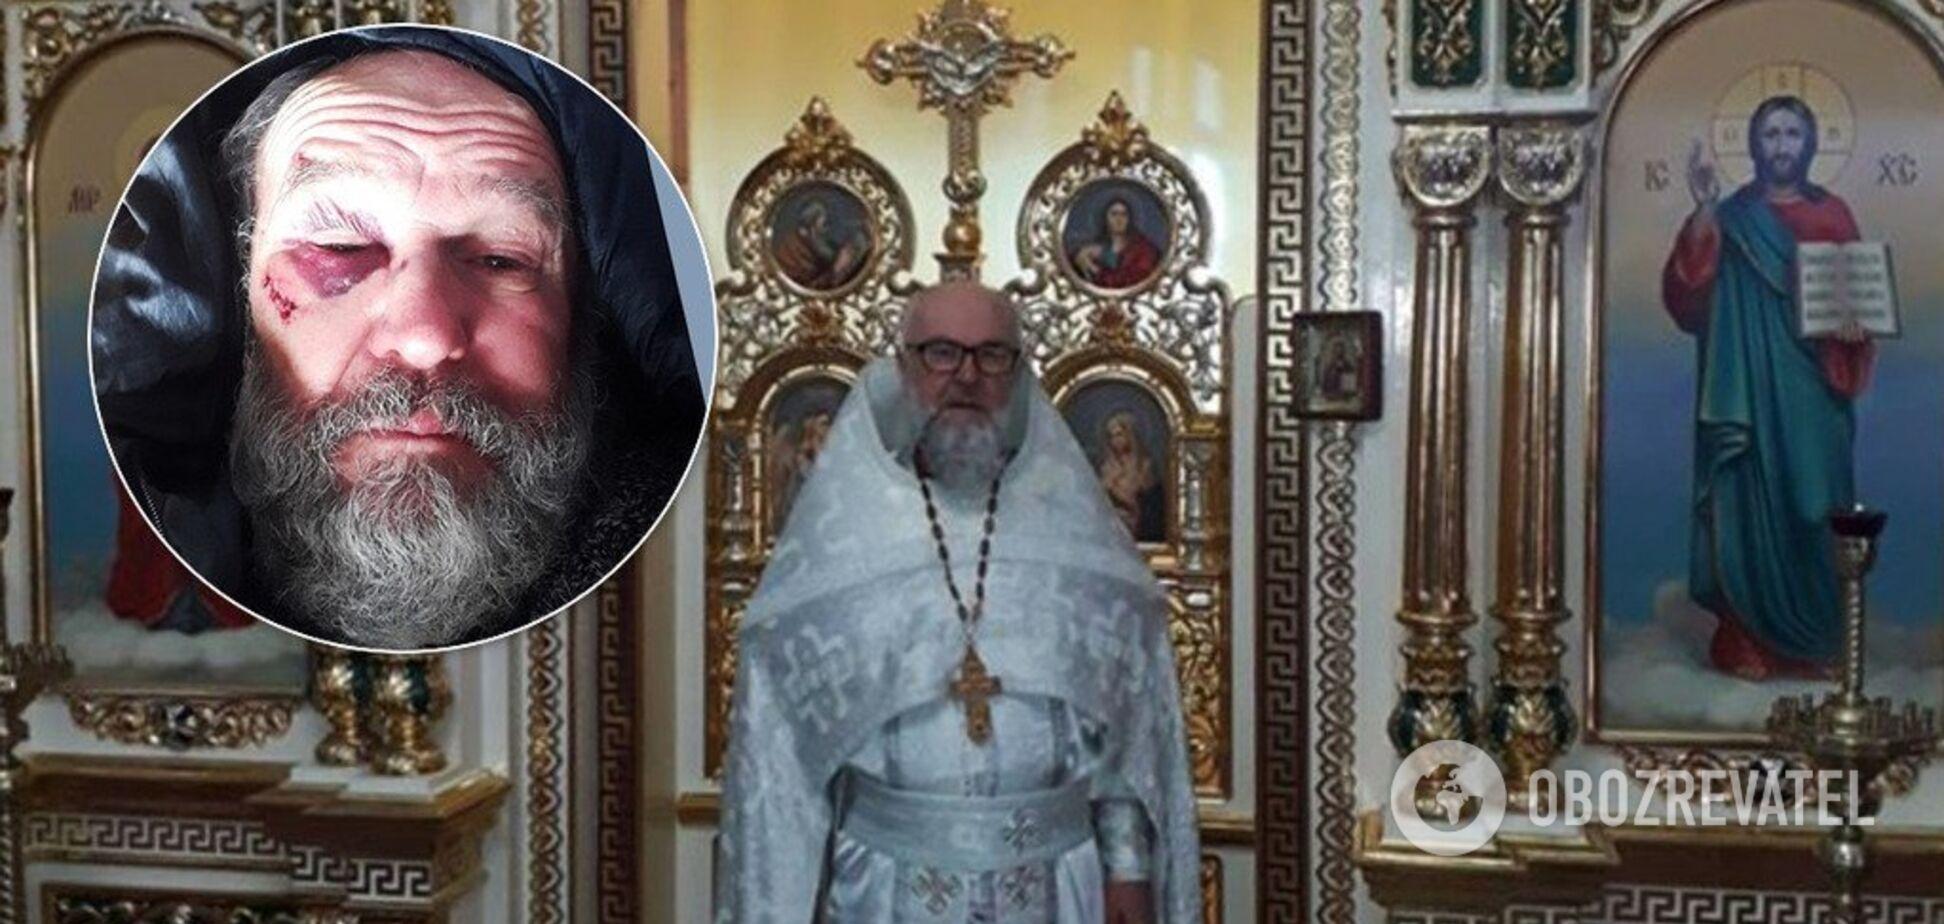 'От удара потерял сознание': жестоко избитый в Харькове священник дал первое интервью